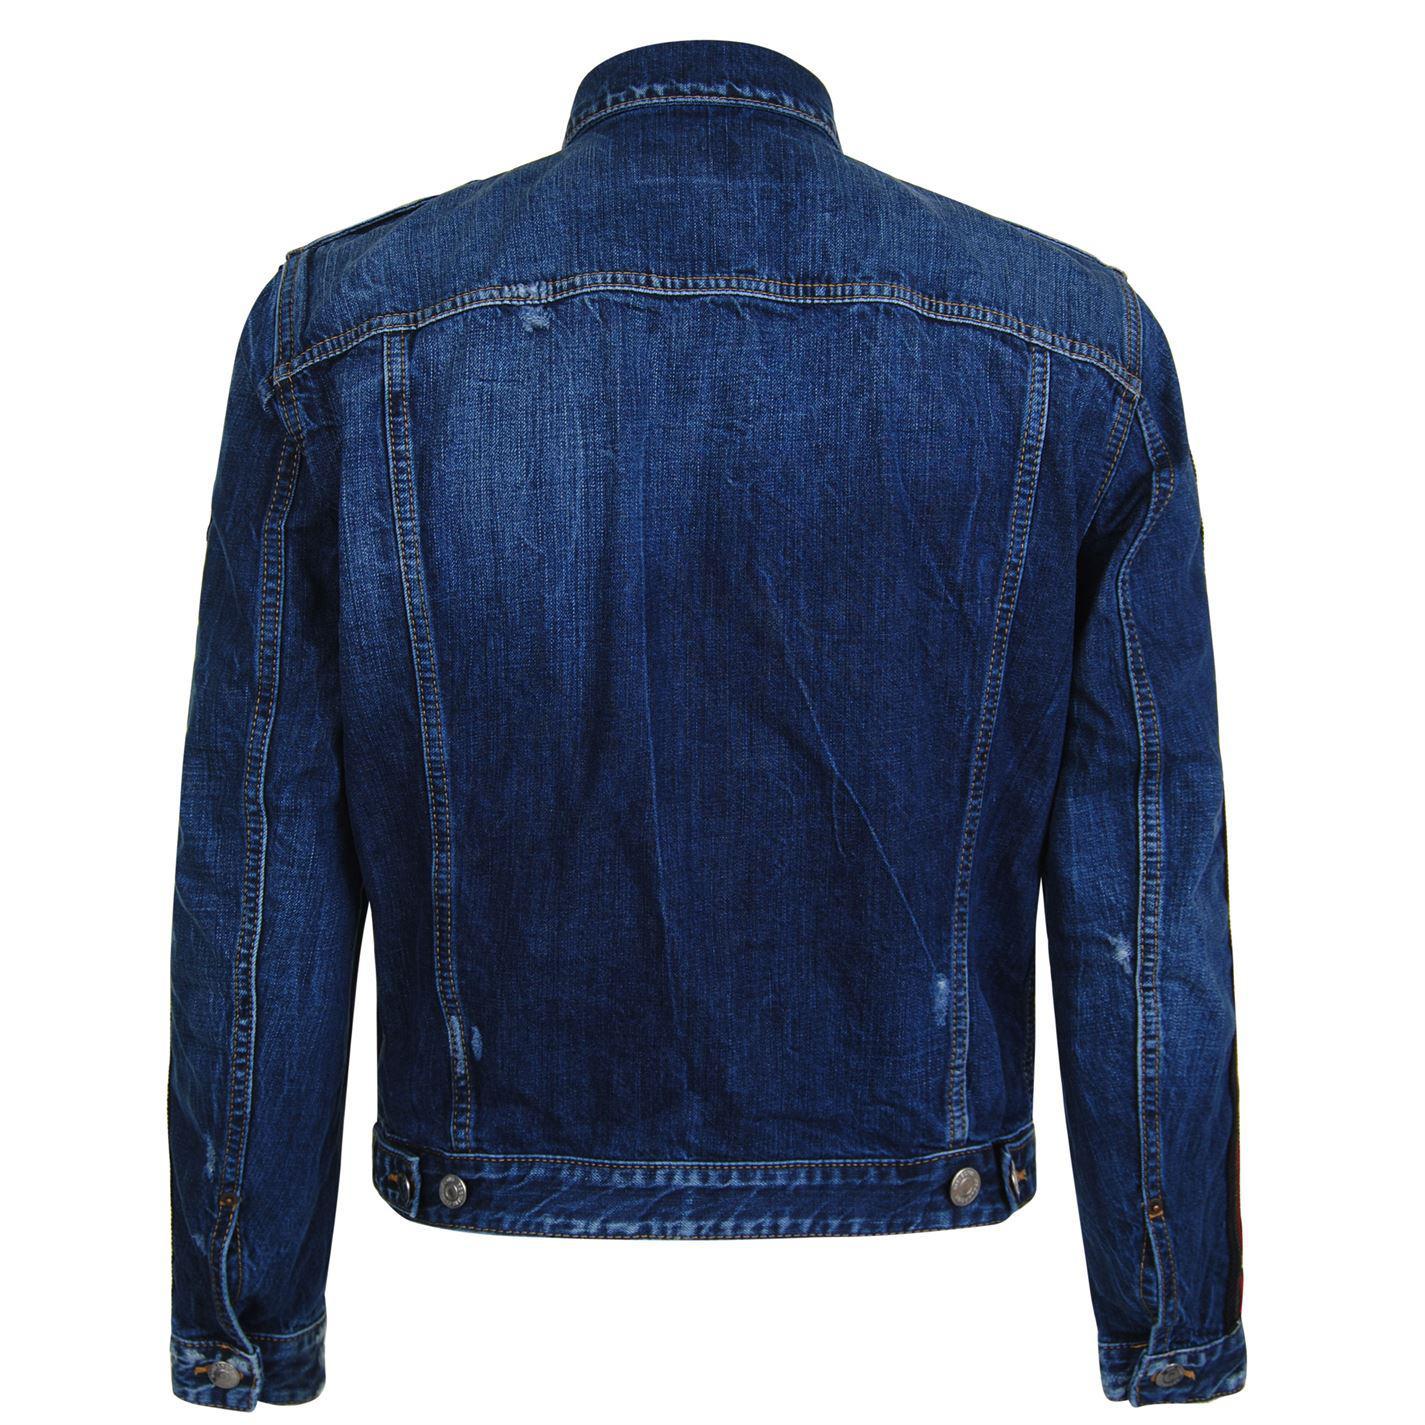 DSquared² Ribbon Denim Jacket in Blue for Men